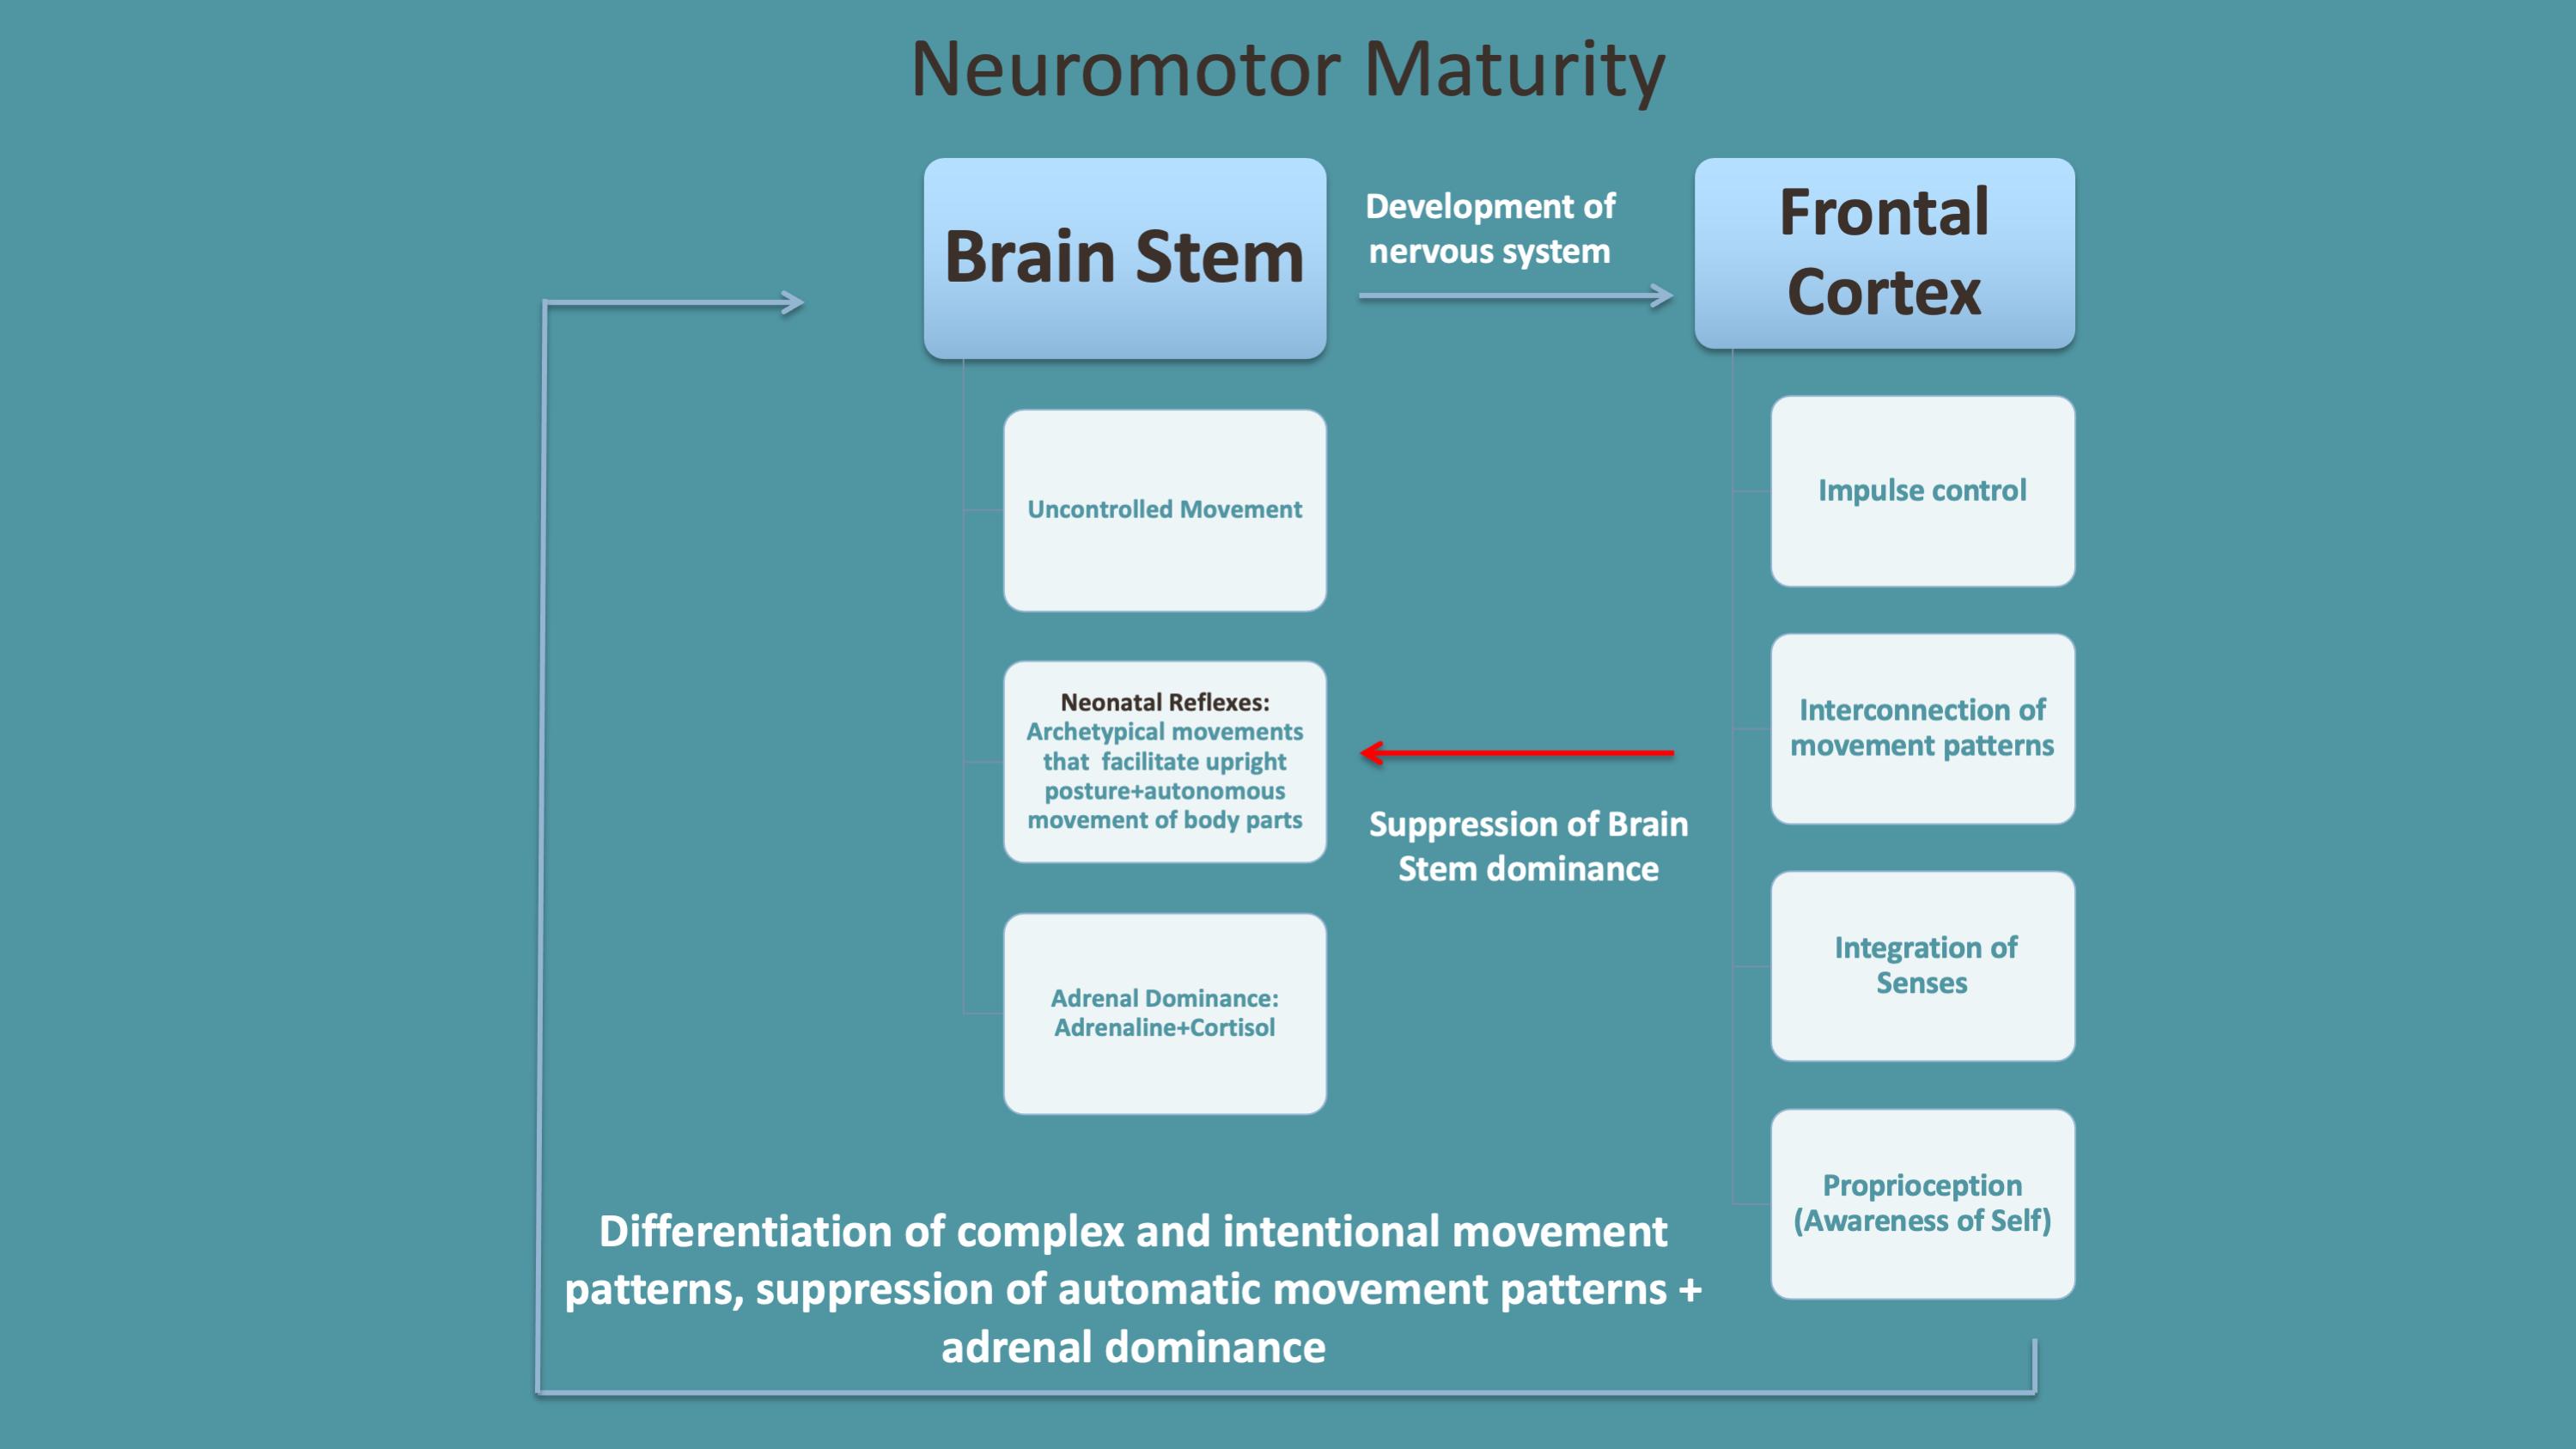 Neuromotor Maturity